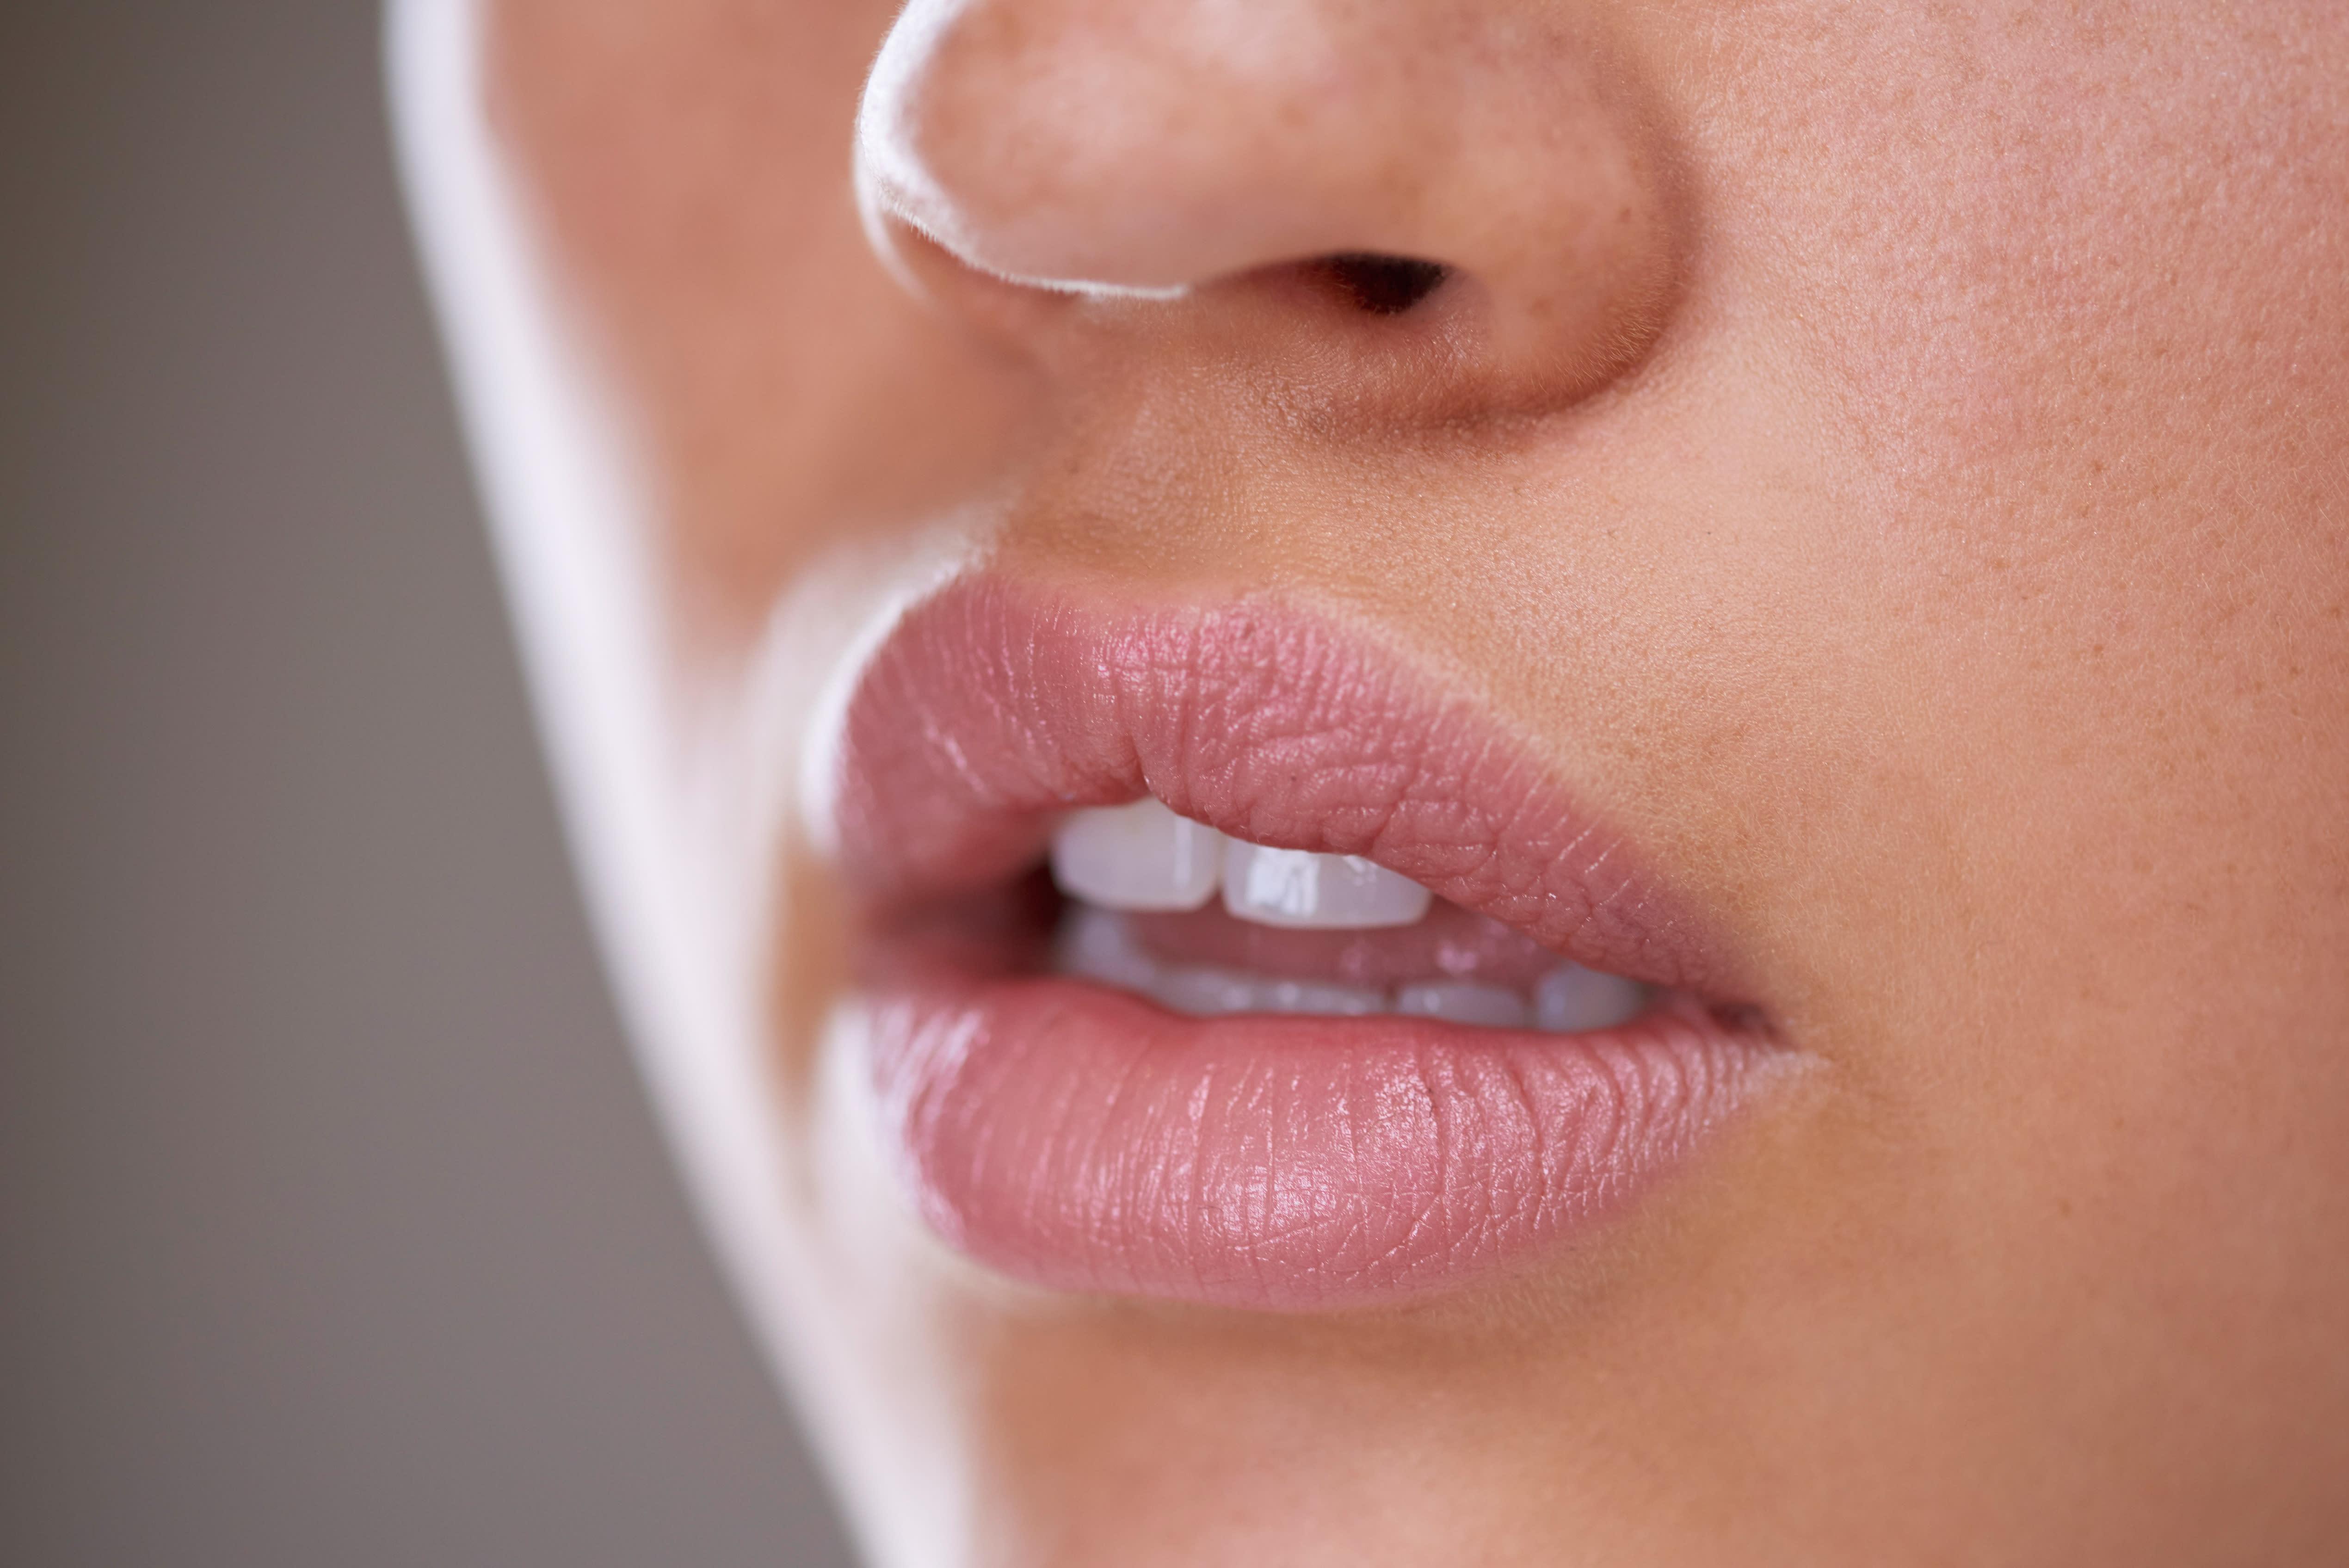 Facial lips — 10